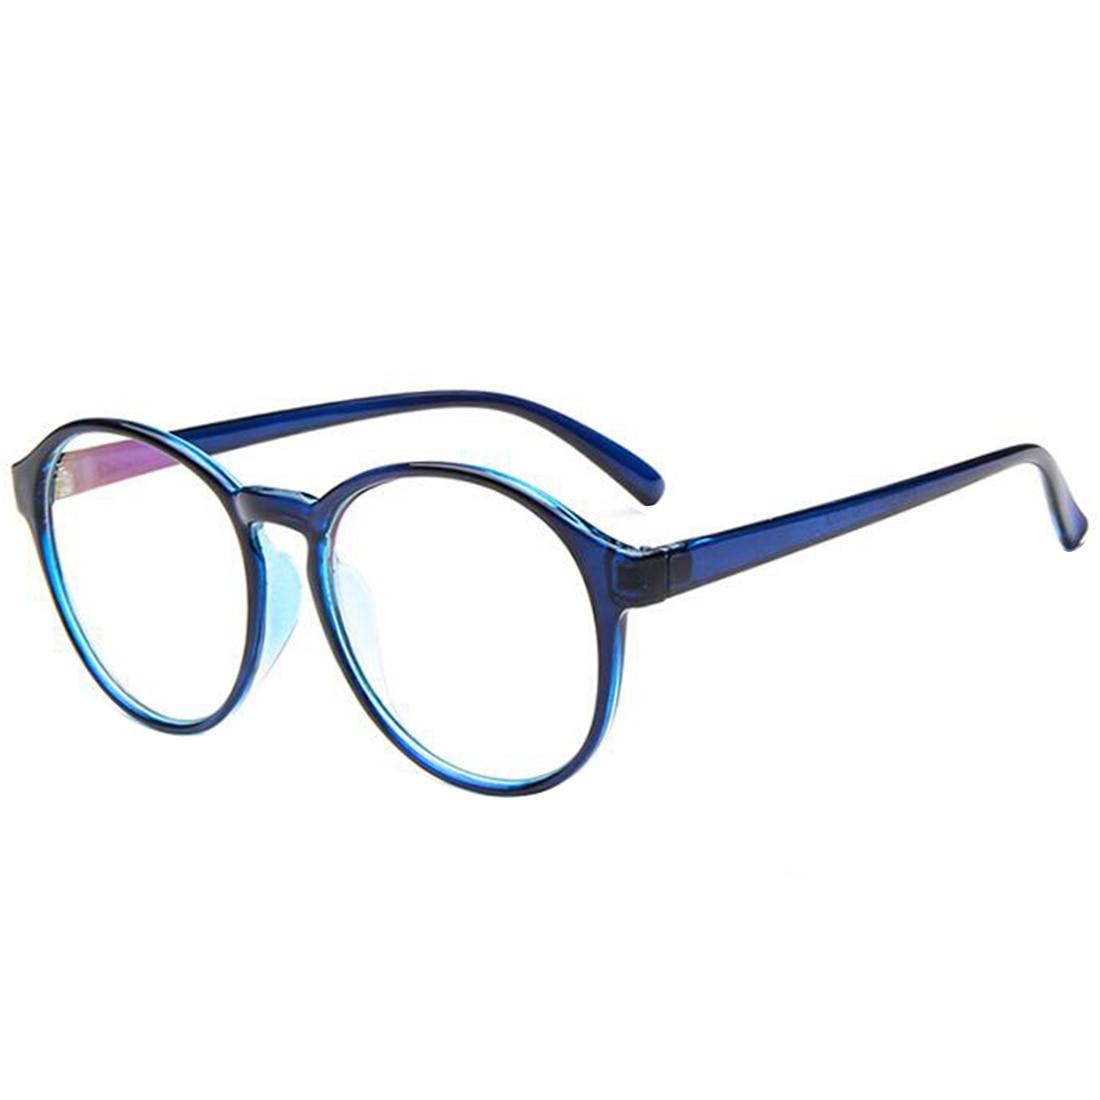 retro vintage frame plain eyeglasses for